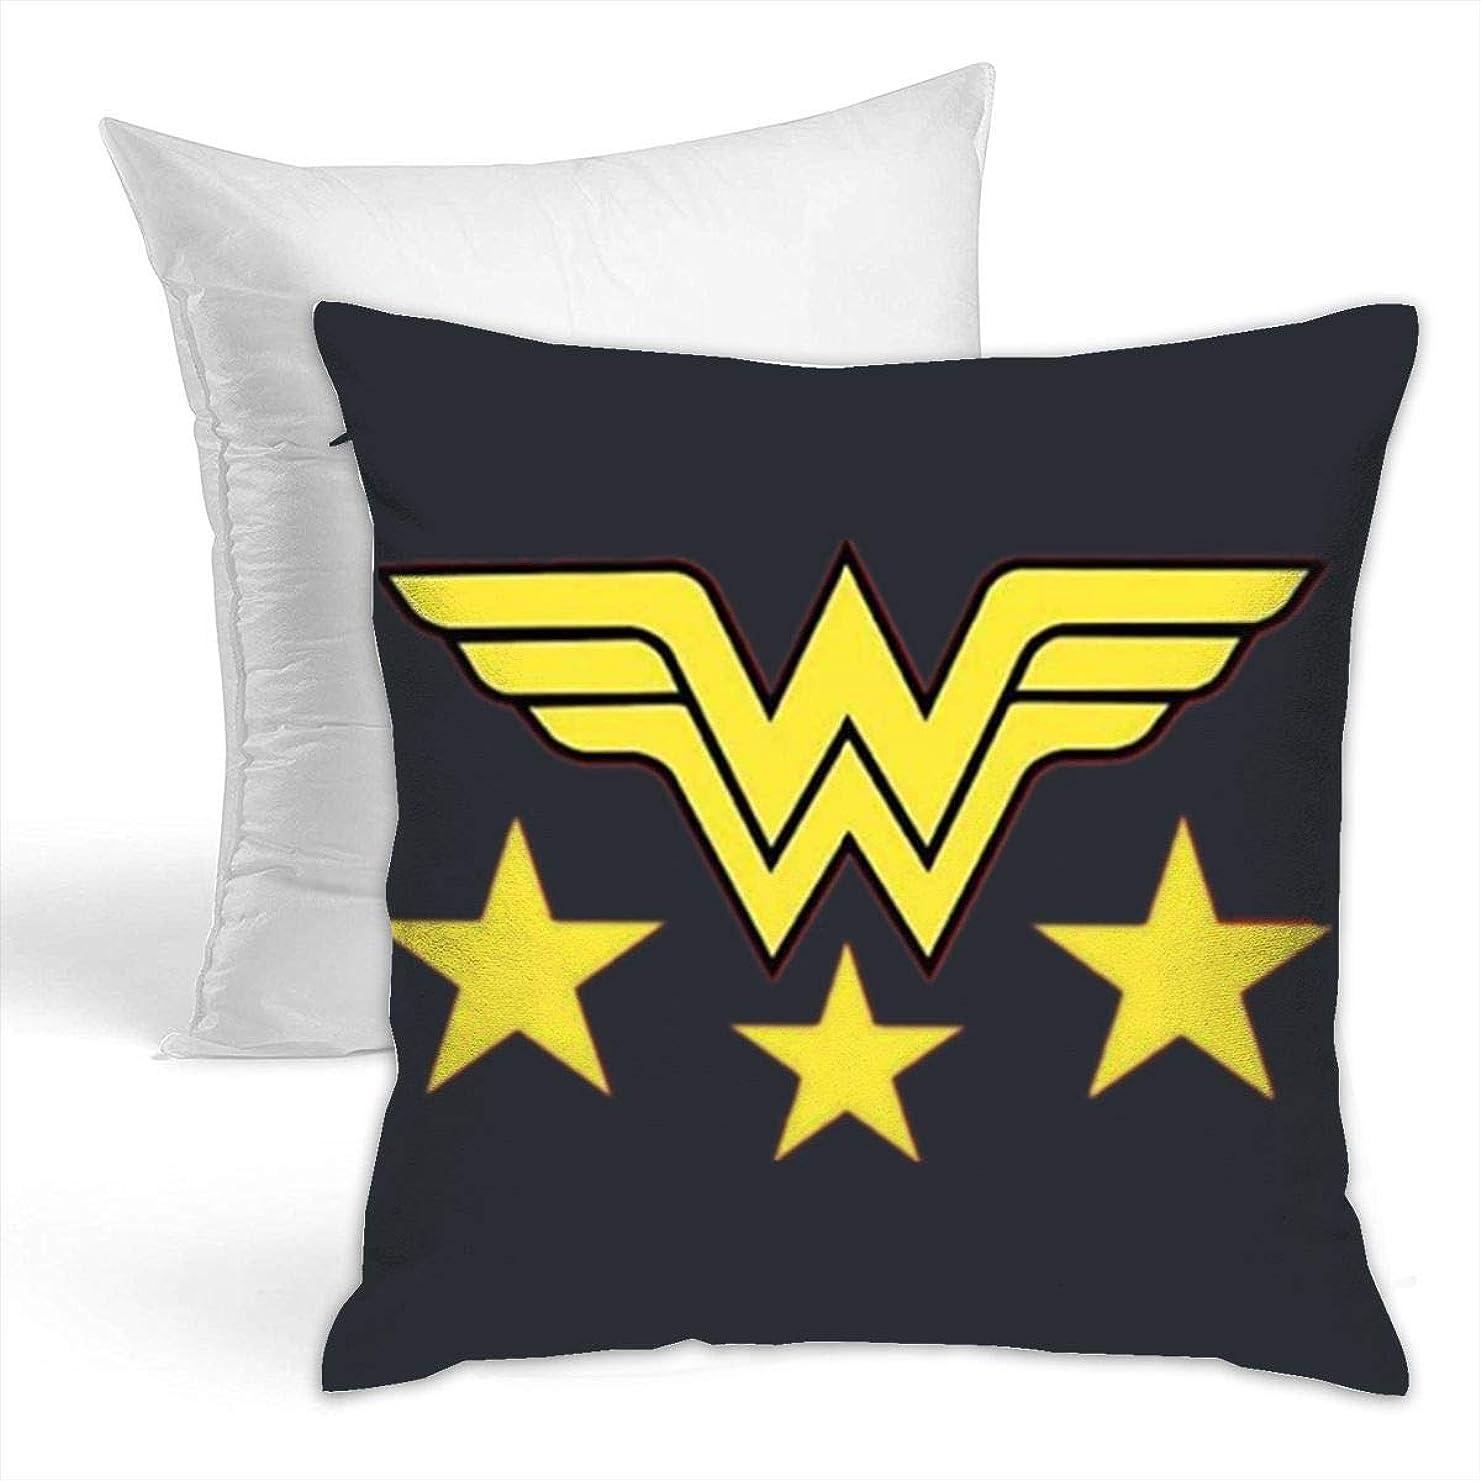 側溝貝殻追跡Wonder Women American Star クッション ソファ背当て 装飾枕カ 座布団 枕 車用品 ホーム 部屋 インテリア 飾り 抱き枕 1個